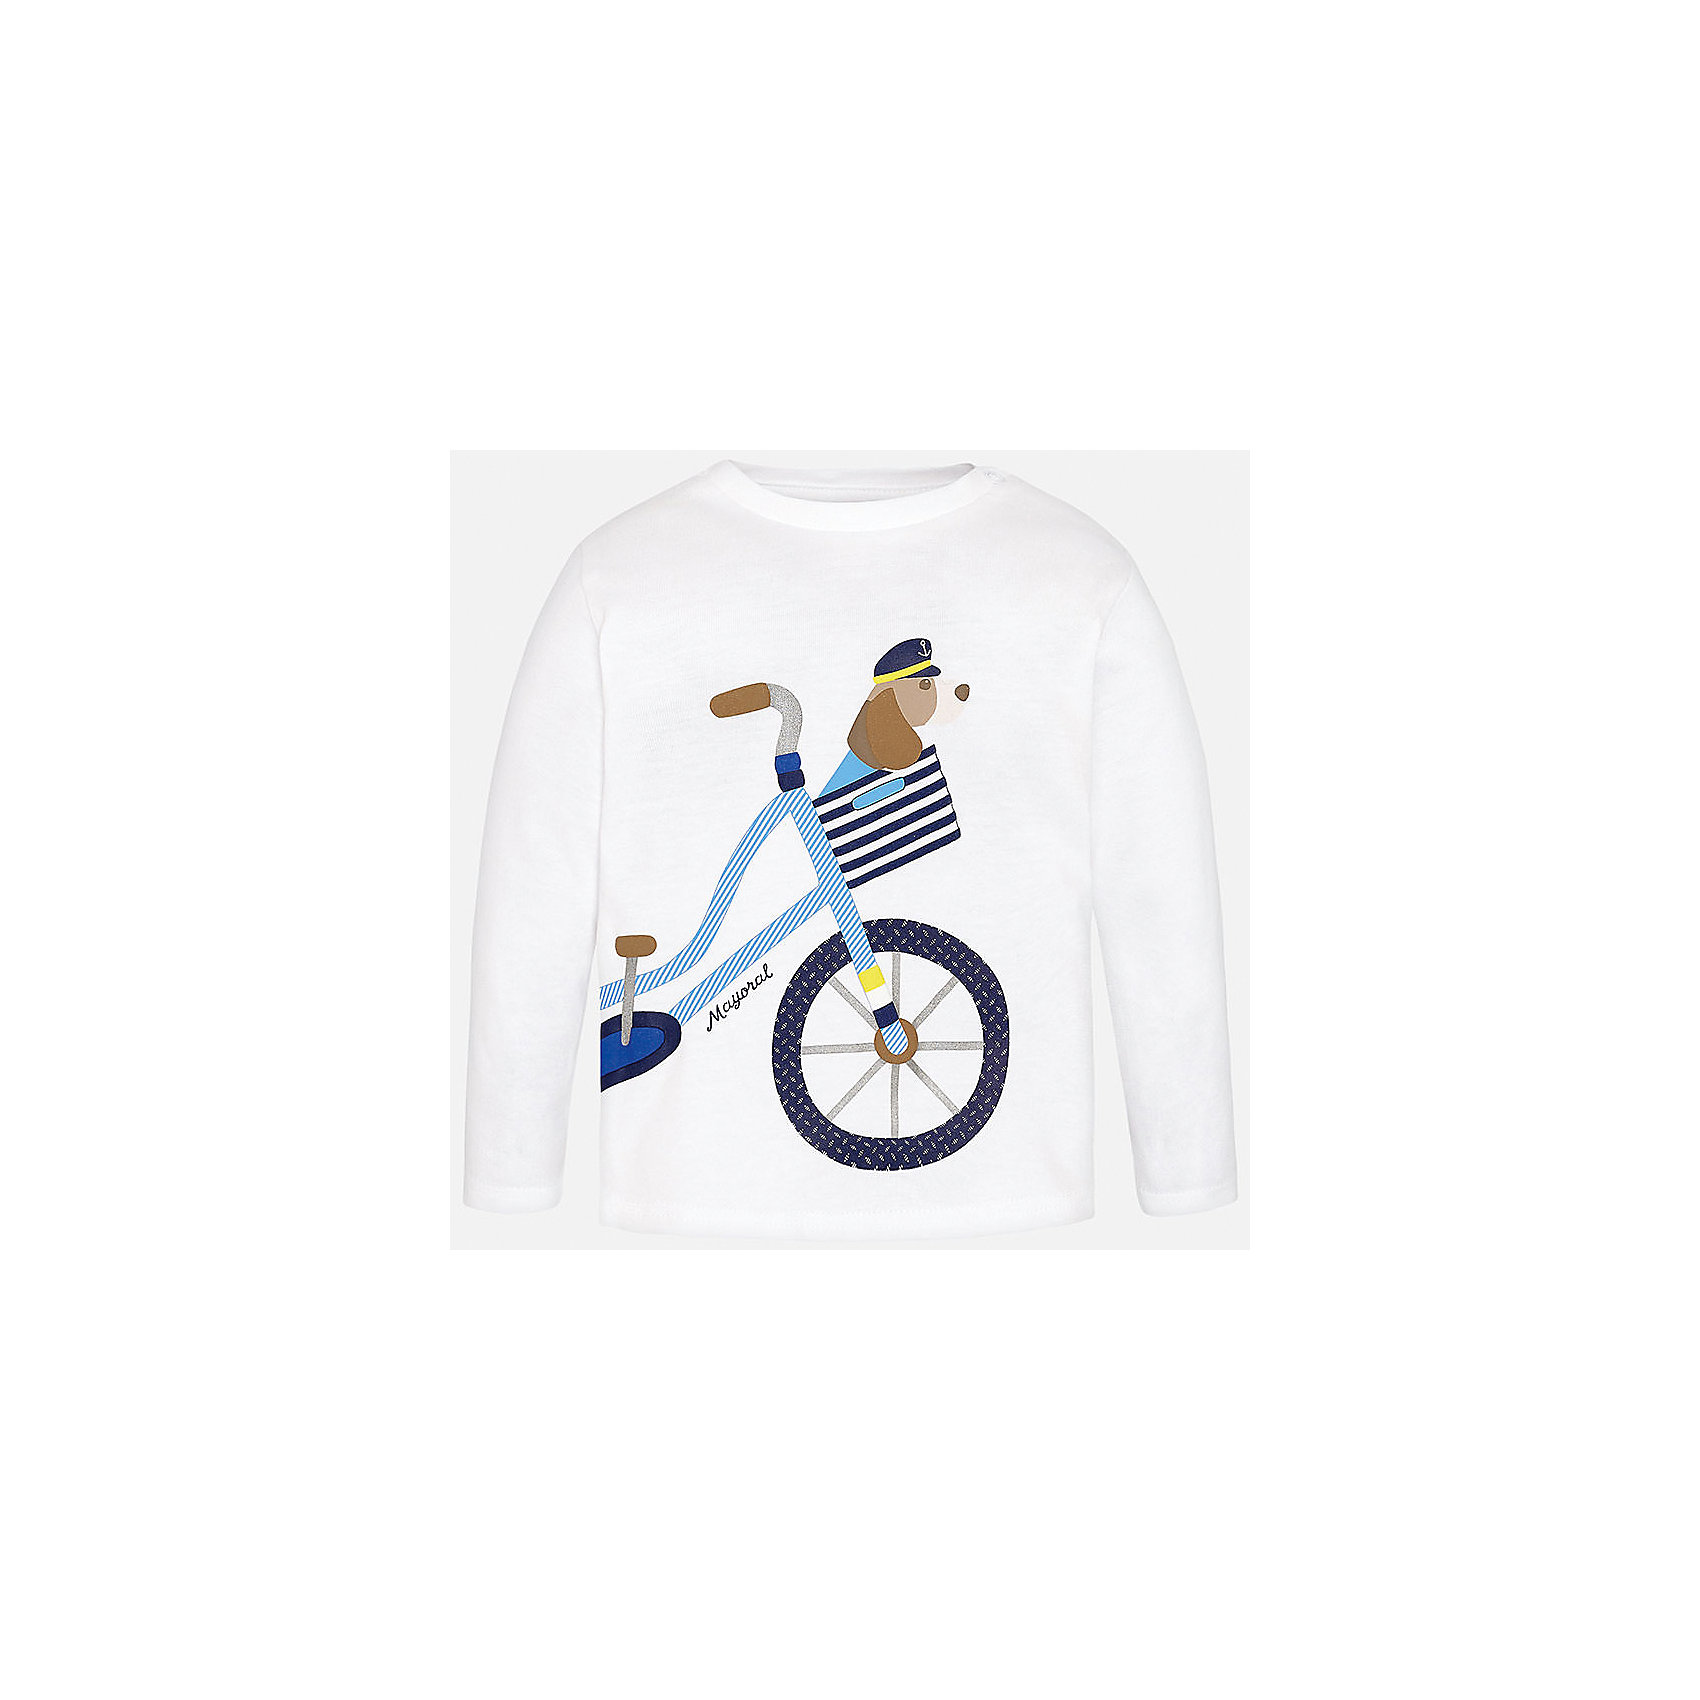 Футболка с длинным рукавом для мальчика MayoralХарактеристики товара:<br><br>• цвет: белый<br>• состав: 100% хлопок<br>• округлый горловой вырез<br>• декорирована принтом<br>• длинные рукава<br>• мягкая отделка горловины<br>• страна бренда: Испания<br><br>Красивая хлопковая футболка с принтом поможет разнообразить гардероб мальчика. Она отлично сочетается с брюками, шортами, джинсами. Универсальный крой и цвет позволяет подобрать к вещи низ разных расцветок. Практичное и стильное изделие! Хорошо смотрится и комфортно сидит на детях. В составе материала - только натуральный хлопок, гипоаллергенный, приятный на ощупь, дышащий. <br><br>Одежда, обувь и аксессуары от испанского бренда Mayoral полюбились детям и взрослым по всему миру. Модели этой марки - стильные и удобные. Для их производства используются только безопасные, качественные материалы и фурнитура. Порадуйте ребенка модными и красивыми вещами от Mayoral! <br><br>Футболку с длинным рукавом для мальчика от испанского бренда Mayoral (Майорал) можно купить в нашем интернет-магазине.<br><br>Ширина мм: 230<br>Глубина мм: 40<br>Высота мм: 220<br>Вес г: 250<br>Цвет: белый<br>Возраст от месяцев: 12<br>Возраст до месяцев: 15<br>Пол: Мужской<br>Возраст: Детский<br>Размер: 80,92,86<br>SKU: 5278517